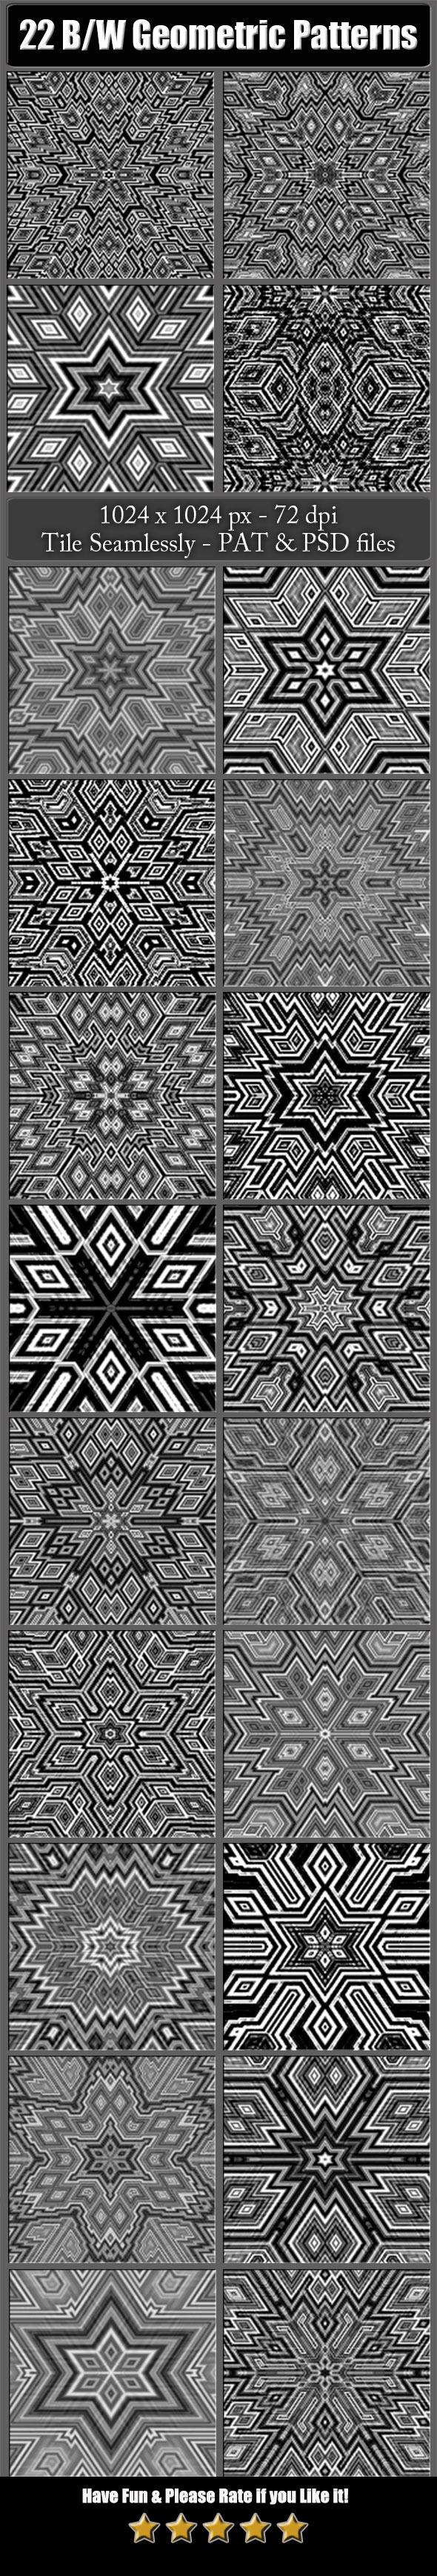 22 B&W Geometric Patterns